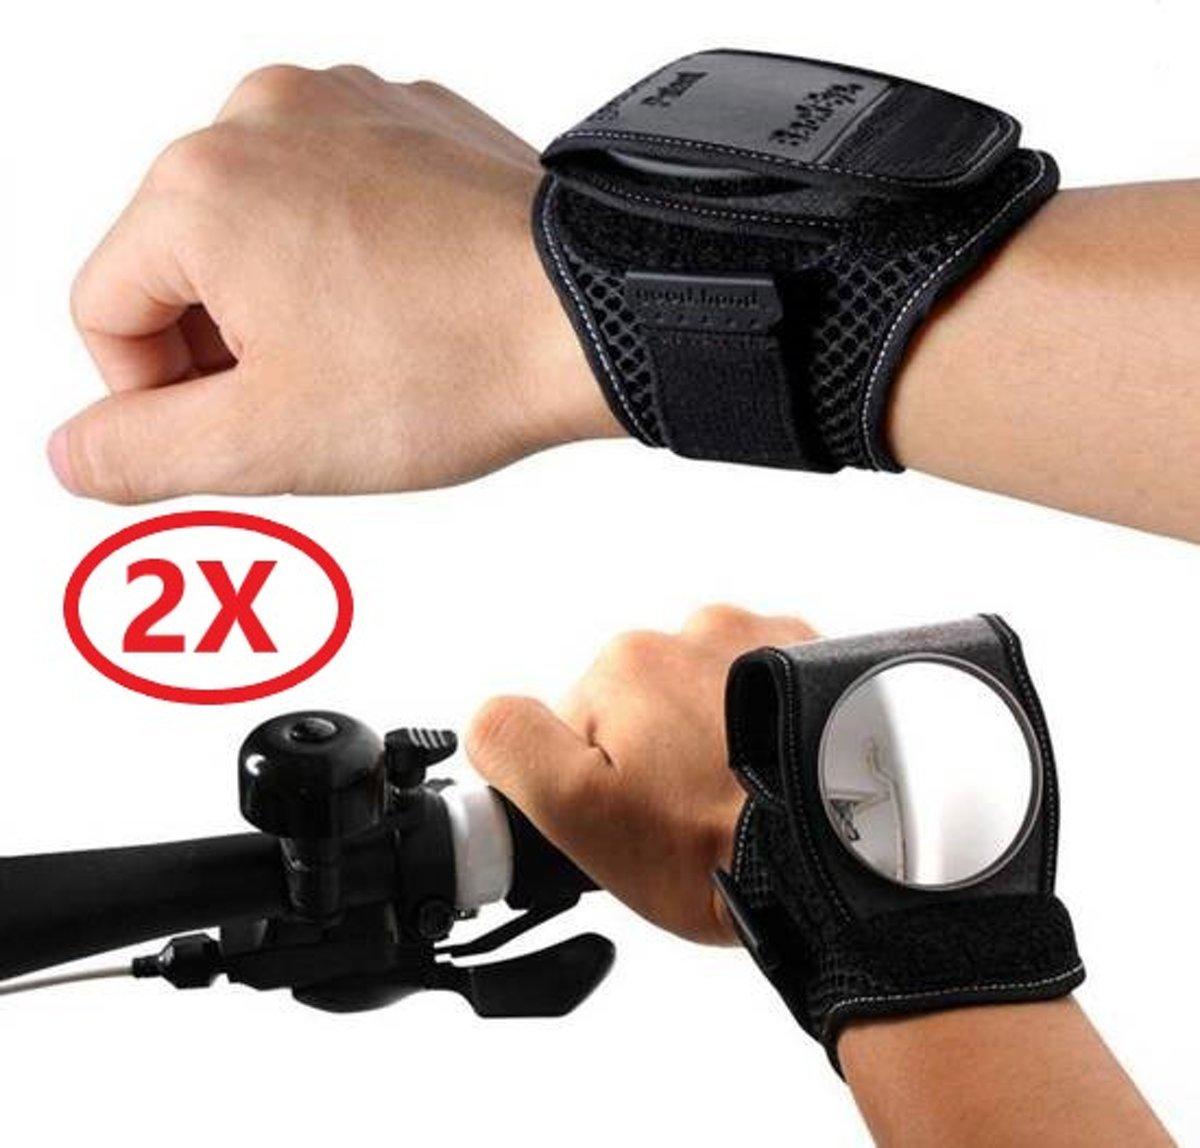 2x Fietsspiegel armband - achteruitkijkspiegel fiets - mountainbike accessoires - fietsspiegelpolsband